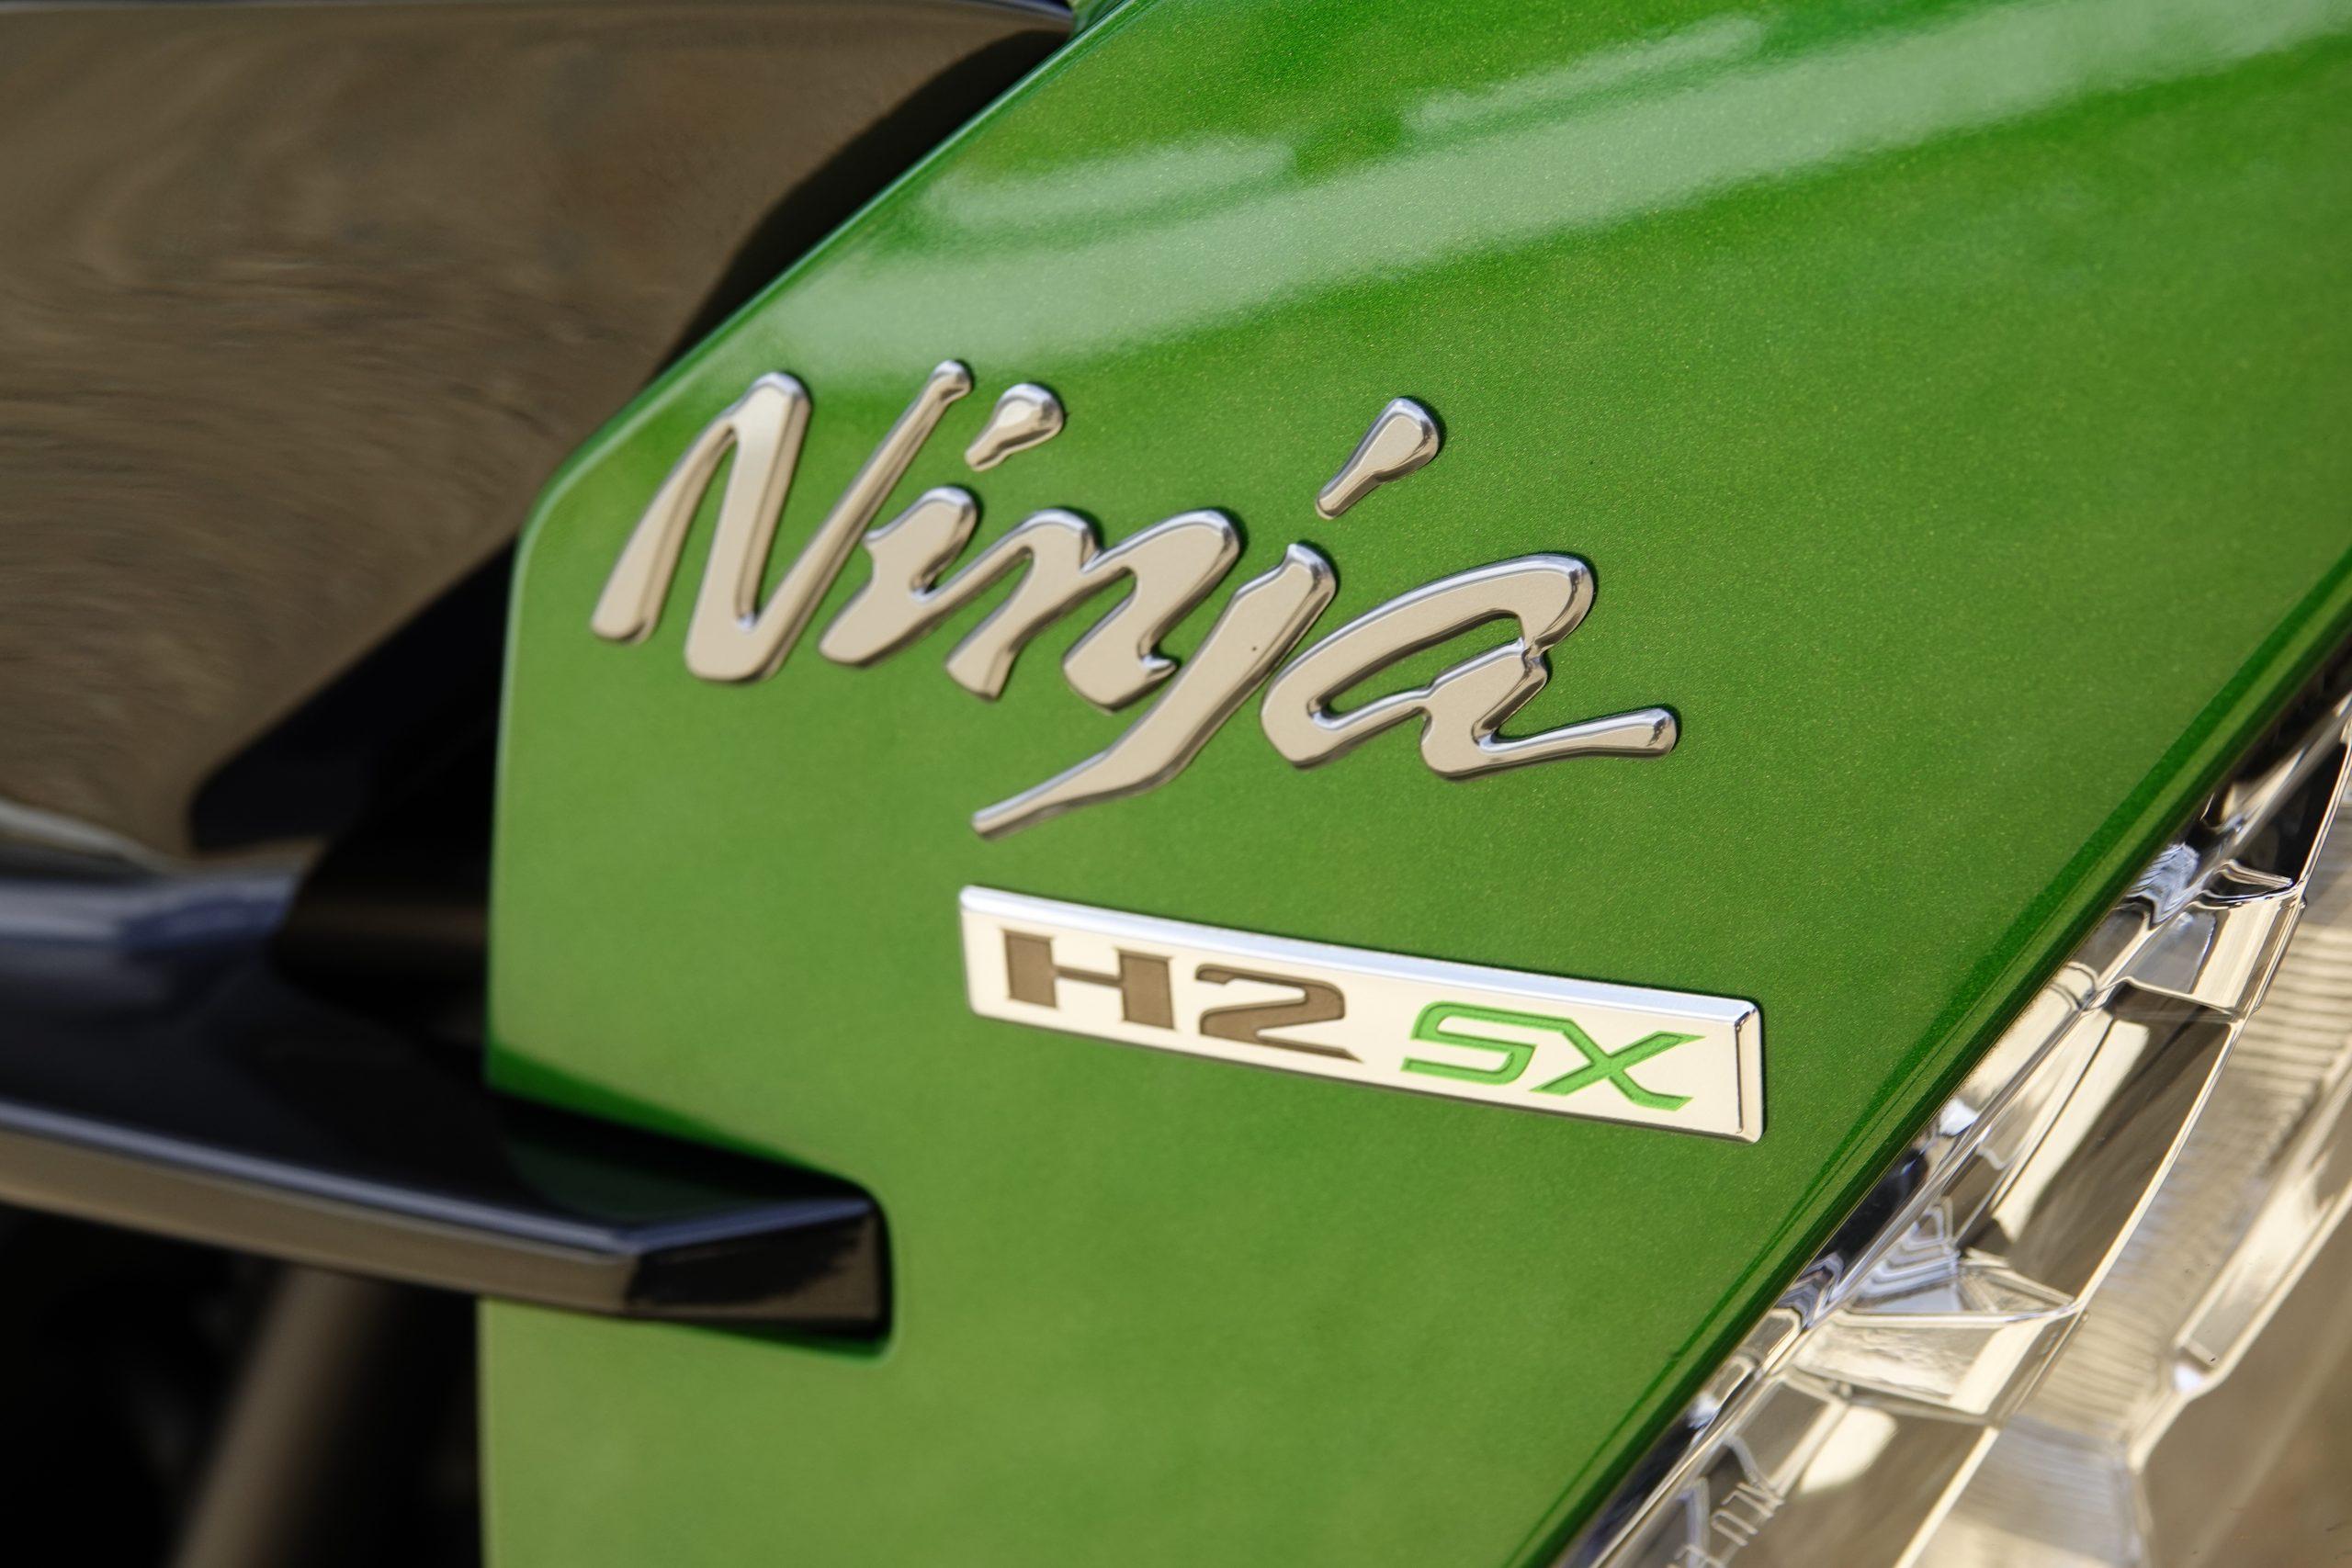 2021 Kawasaki H2 SX-SE tank badging